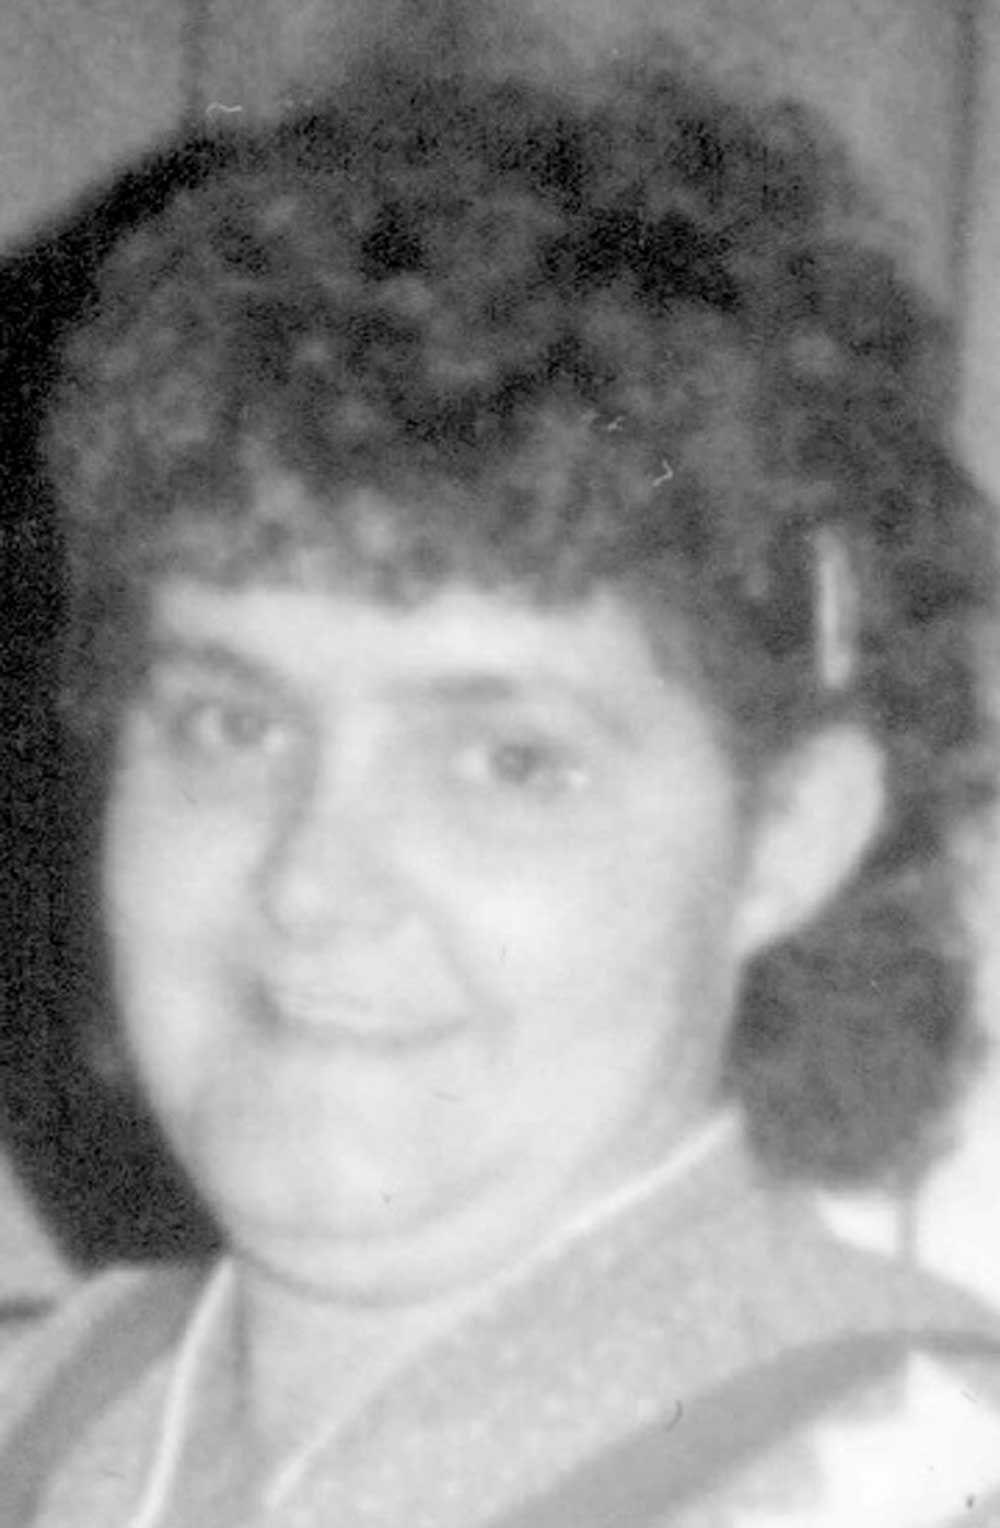 Kathryn Virginia Blubaugh